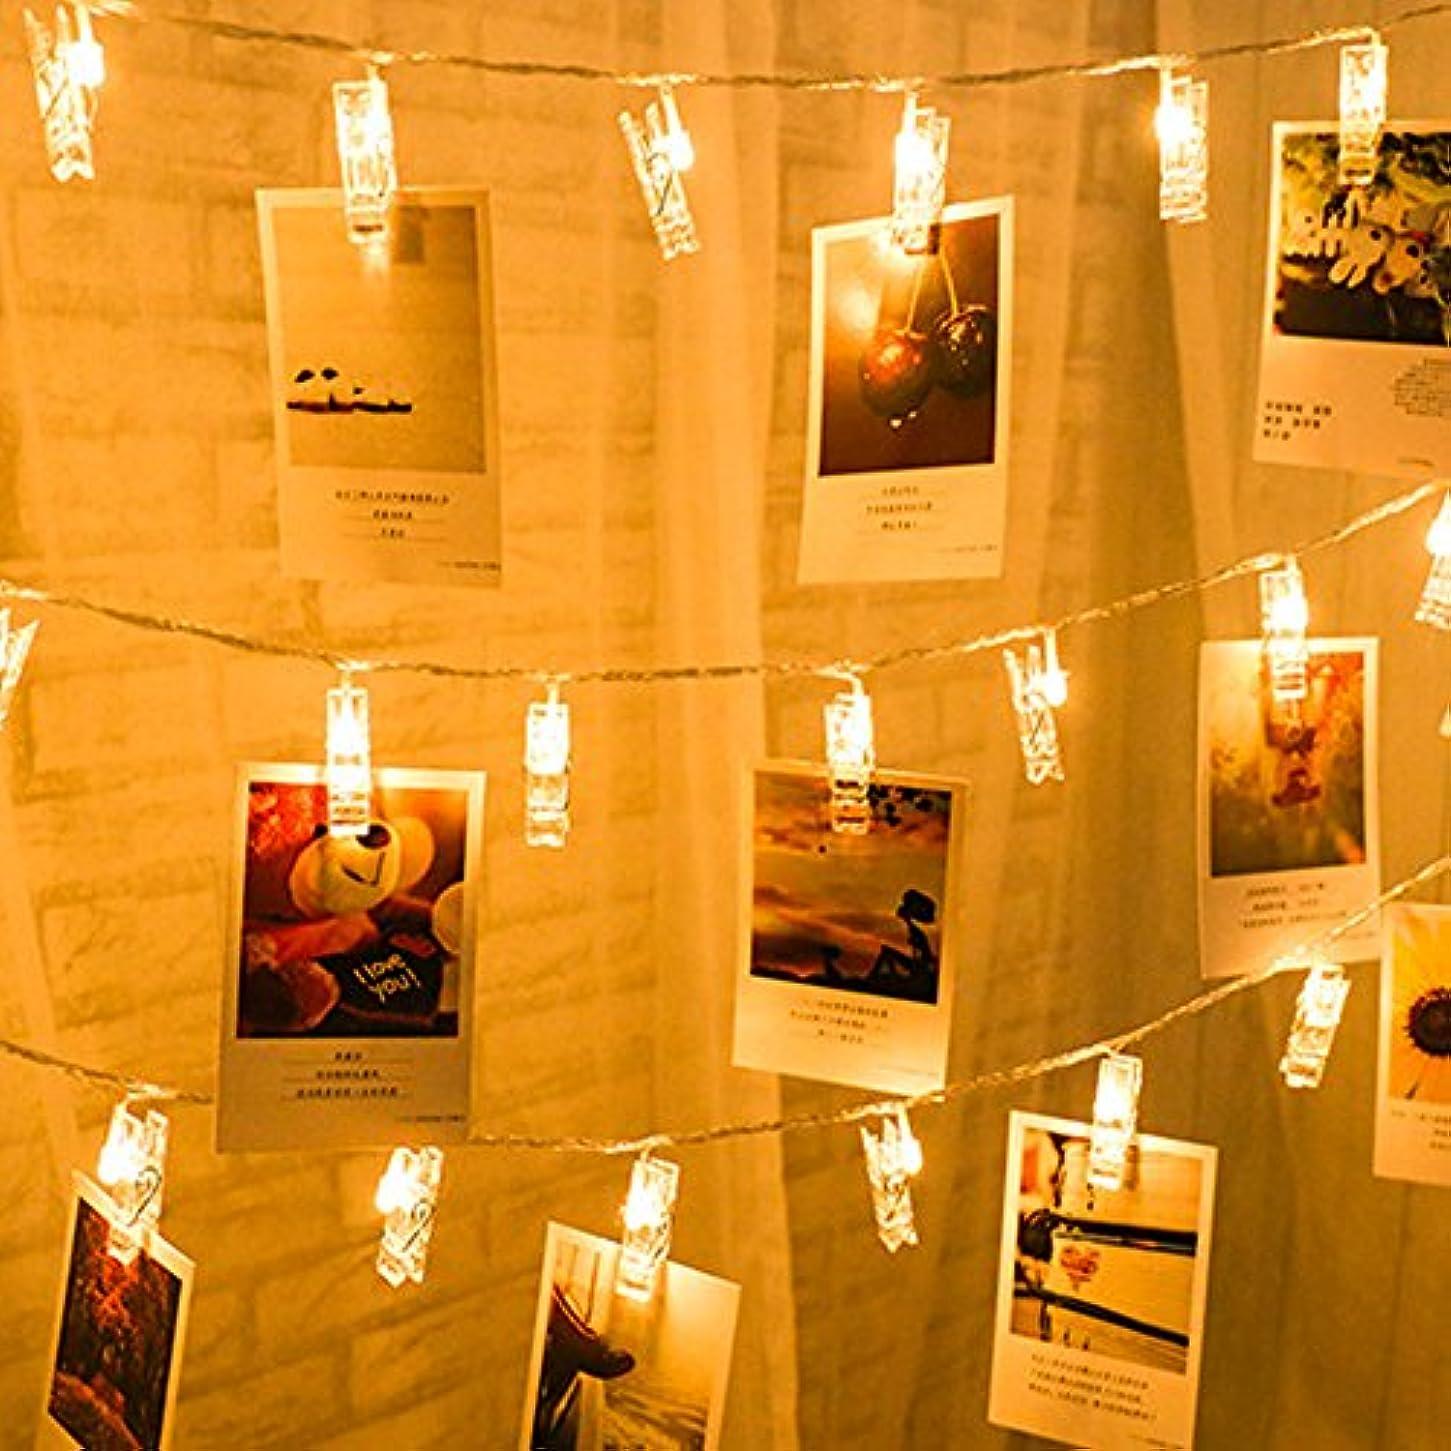 抽象アラブサラボ立派なストリングライト LEDイルミネーションライト、SIMPLE DO 20LED 写真クリップ DIY 壁飾り ソーラー充電式 間接照明 クリスマス/新年/結婚式/誕生日/パーティー飾り 雰囲気ライト(ウォームホワイト)